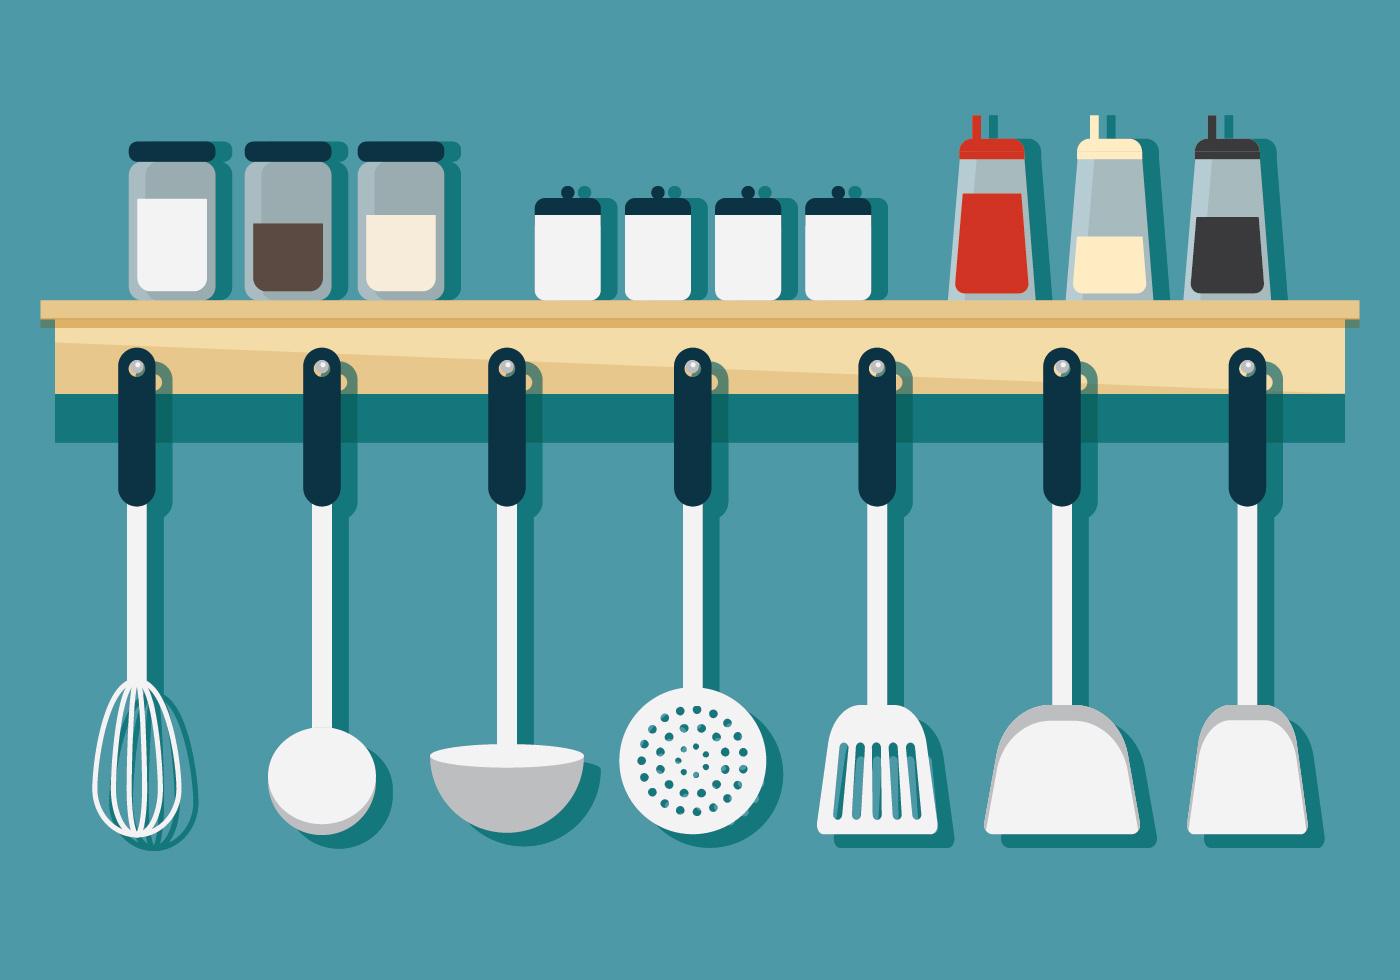 Colgar utensilios de cocina descargue gr ficos y for Colgar utensilios de cocina